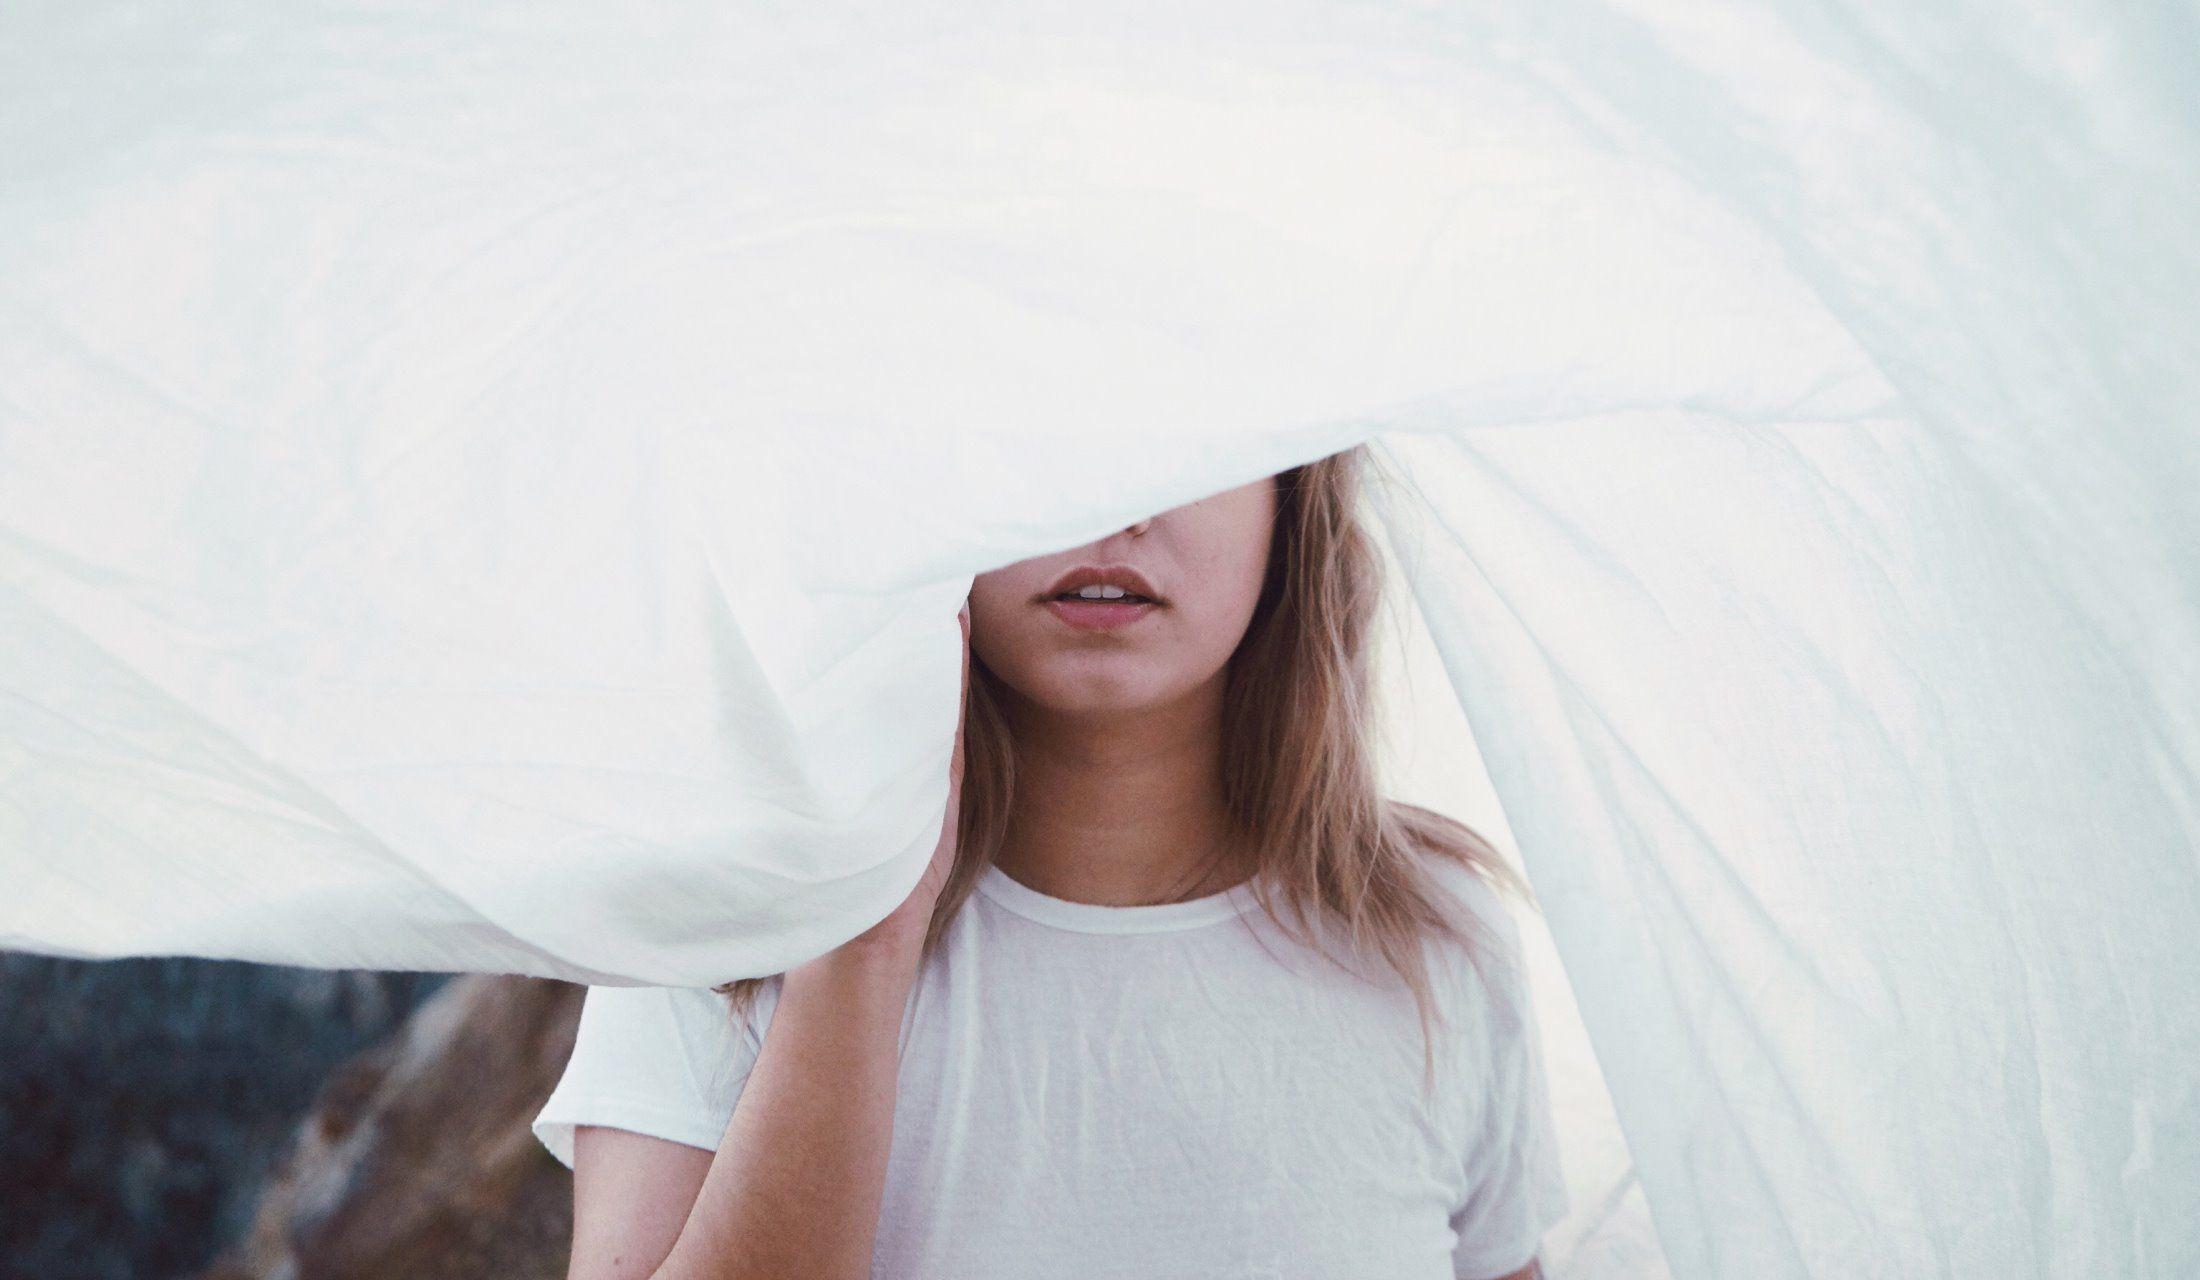 目の部分を隠した女性